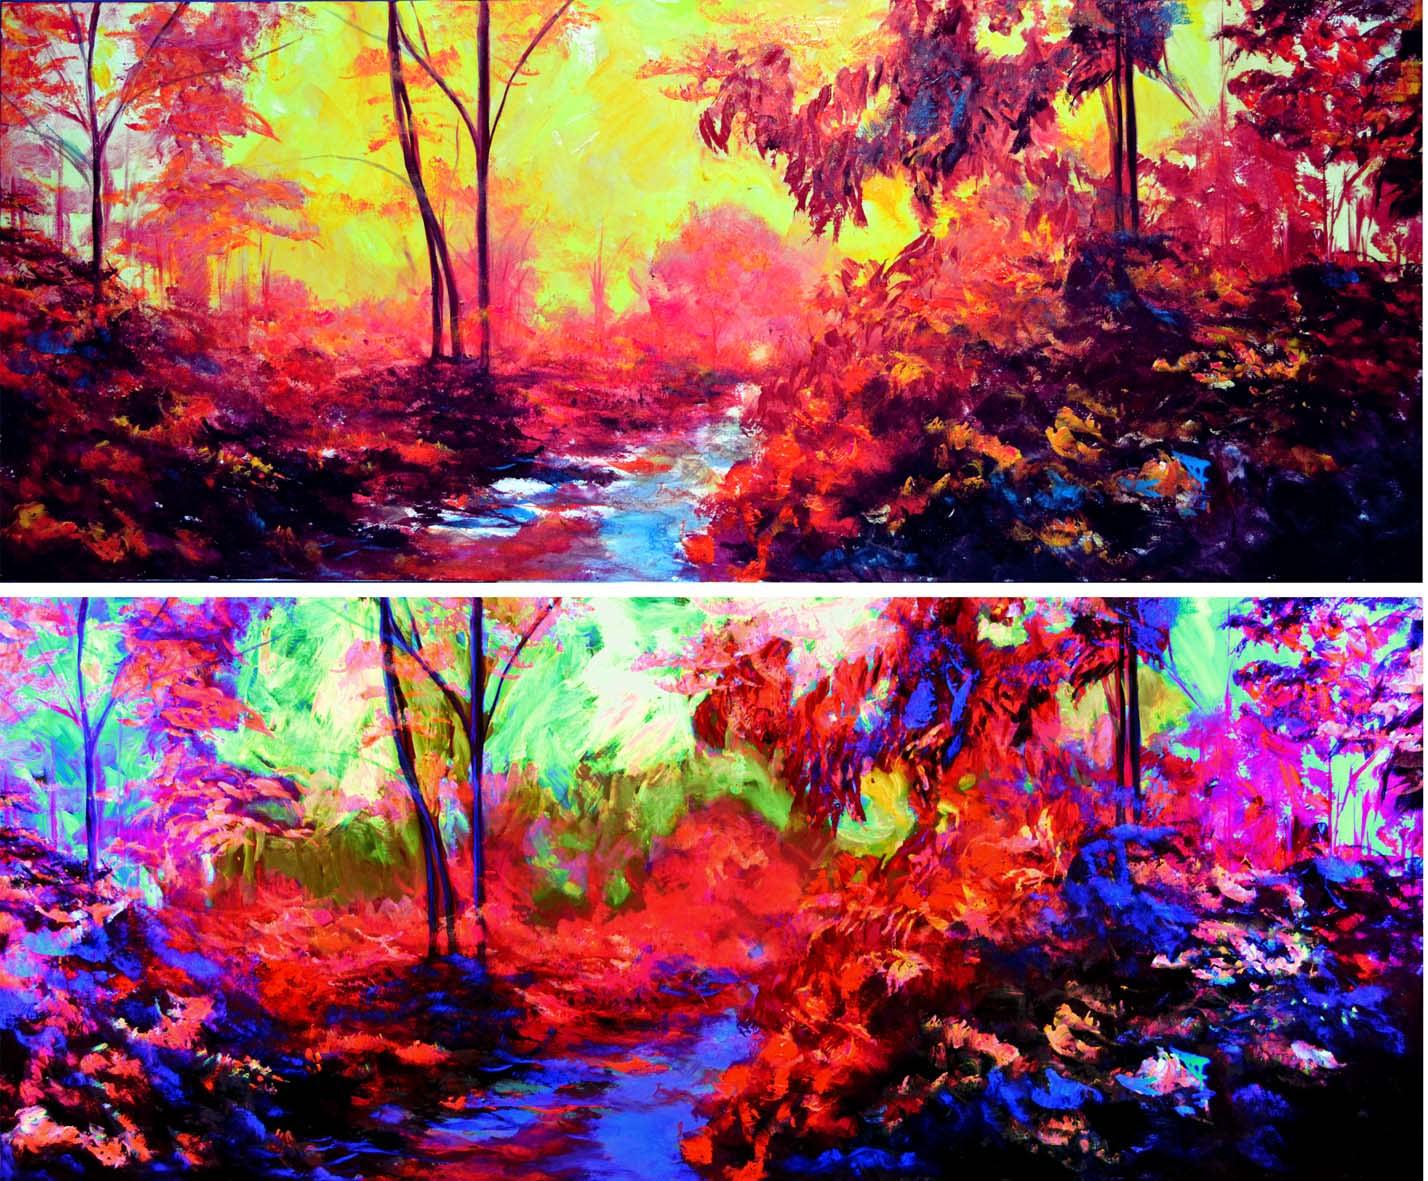 ¿Cuadros al óleo o pintura acrílica? | Bellas artes ...